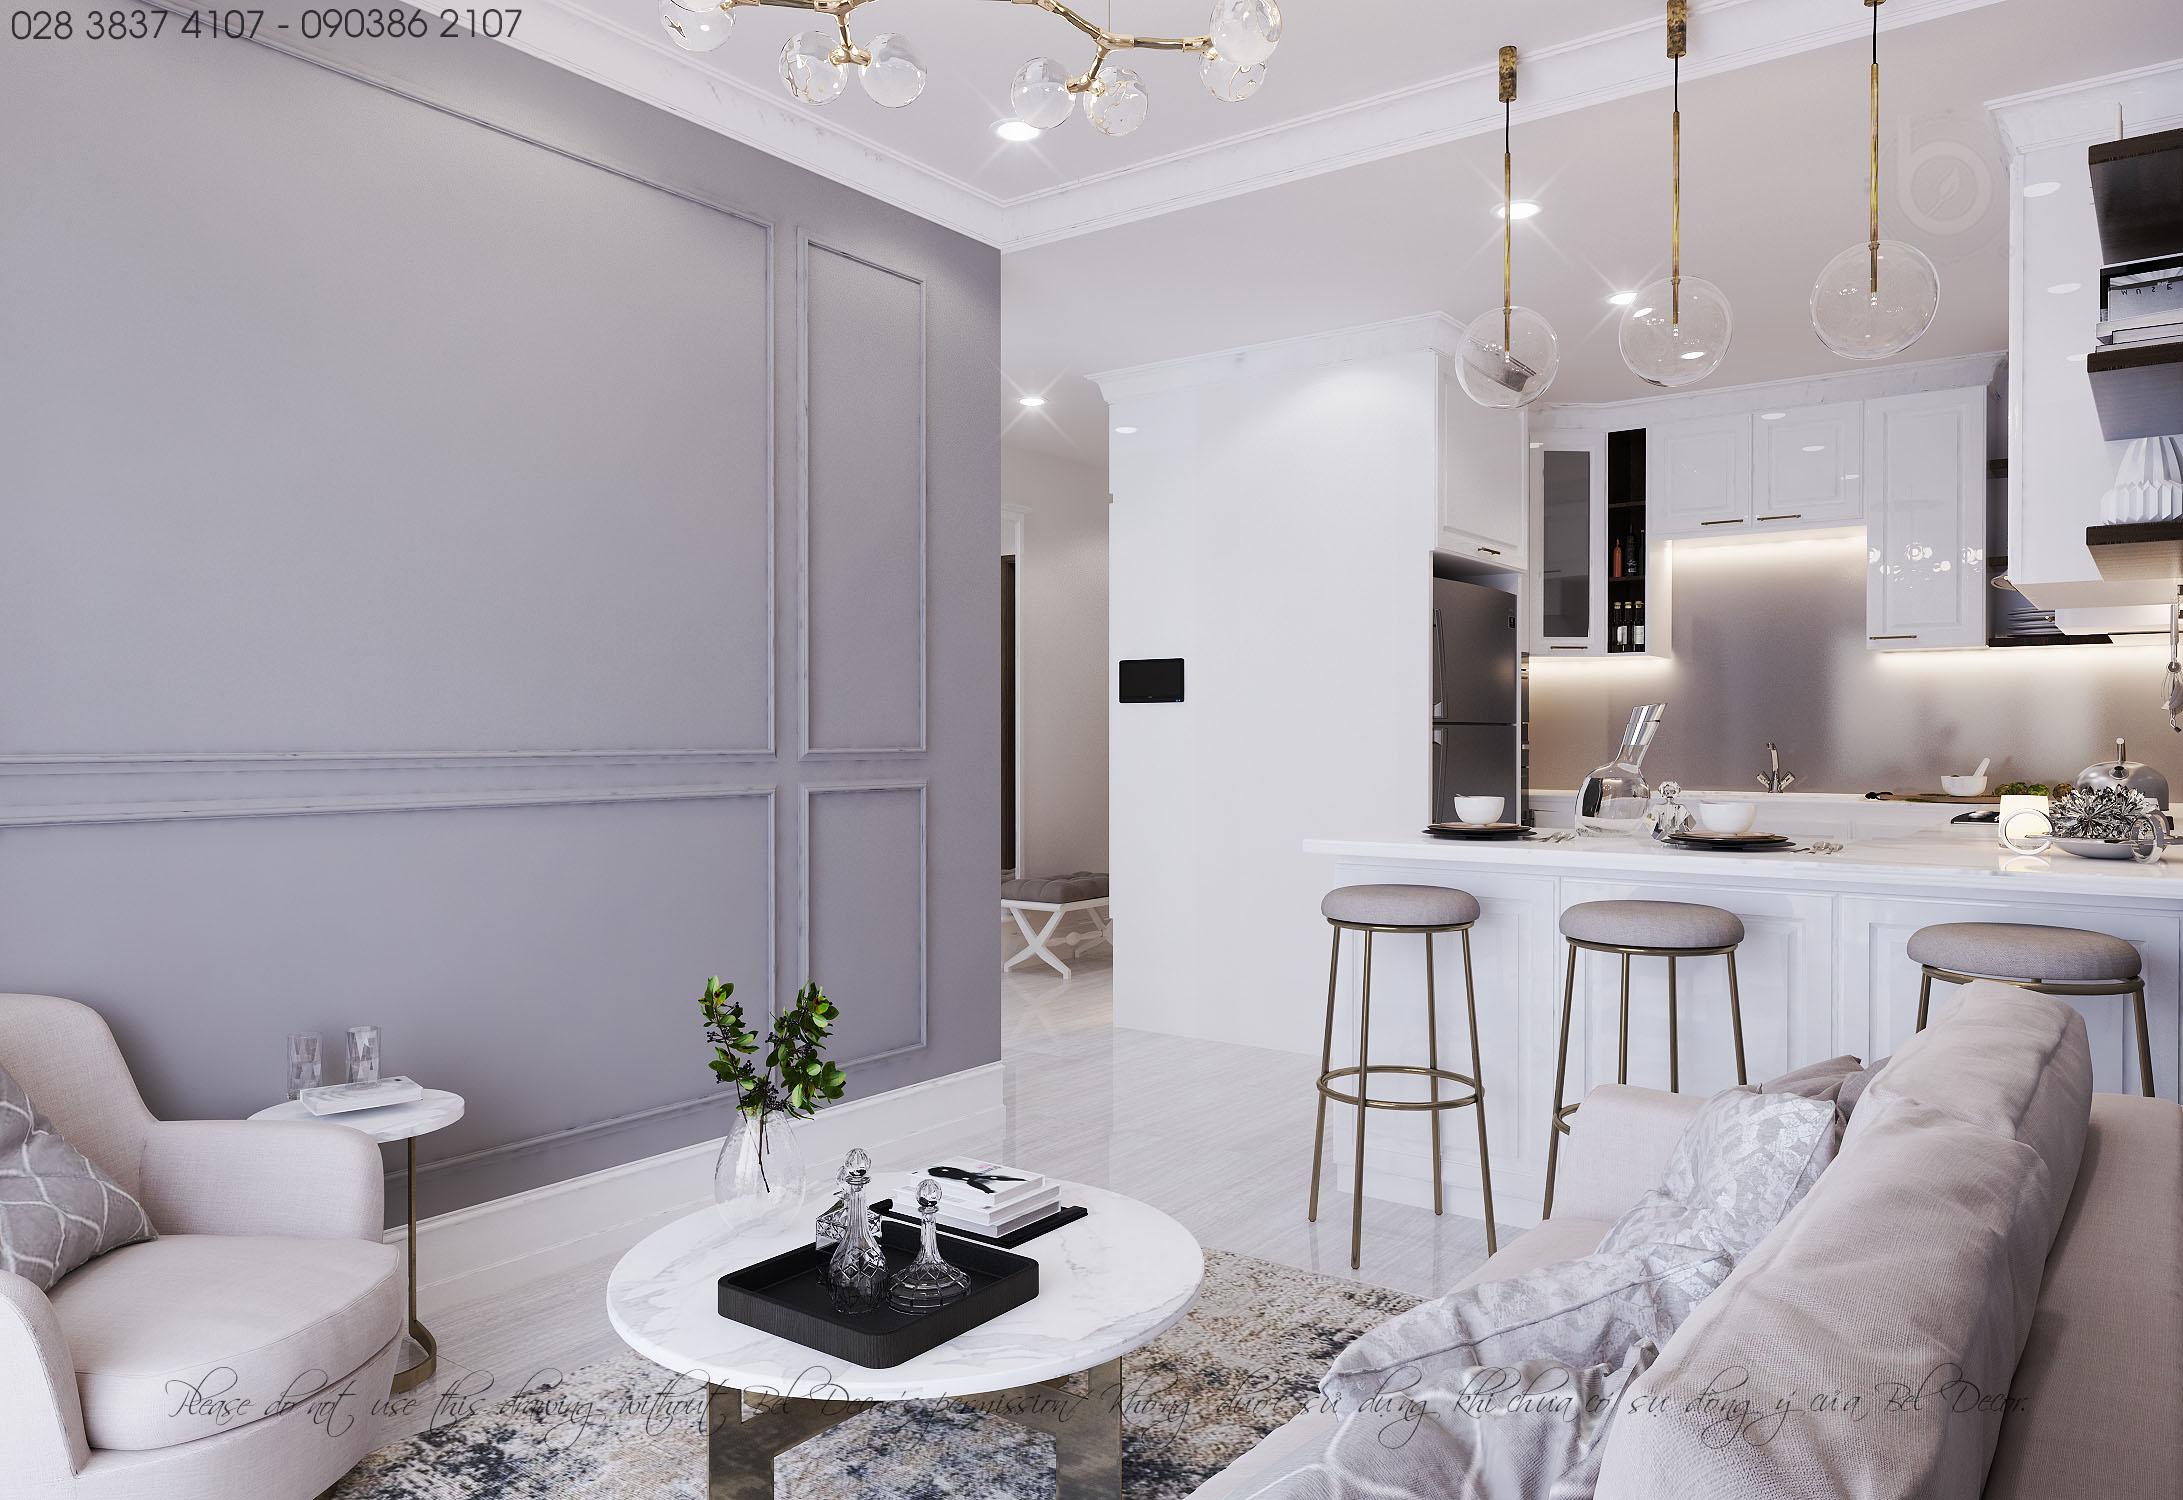 thiết kế nội thất chung cư tại Hồ Chí Minh THIẾT KẾ NỘI THẤT CĂN HỘ (HO1895) 1 1557475035